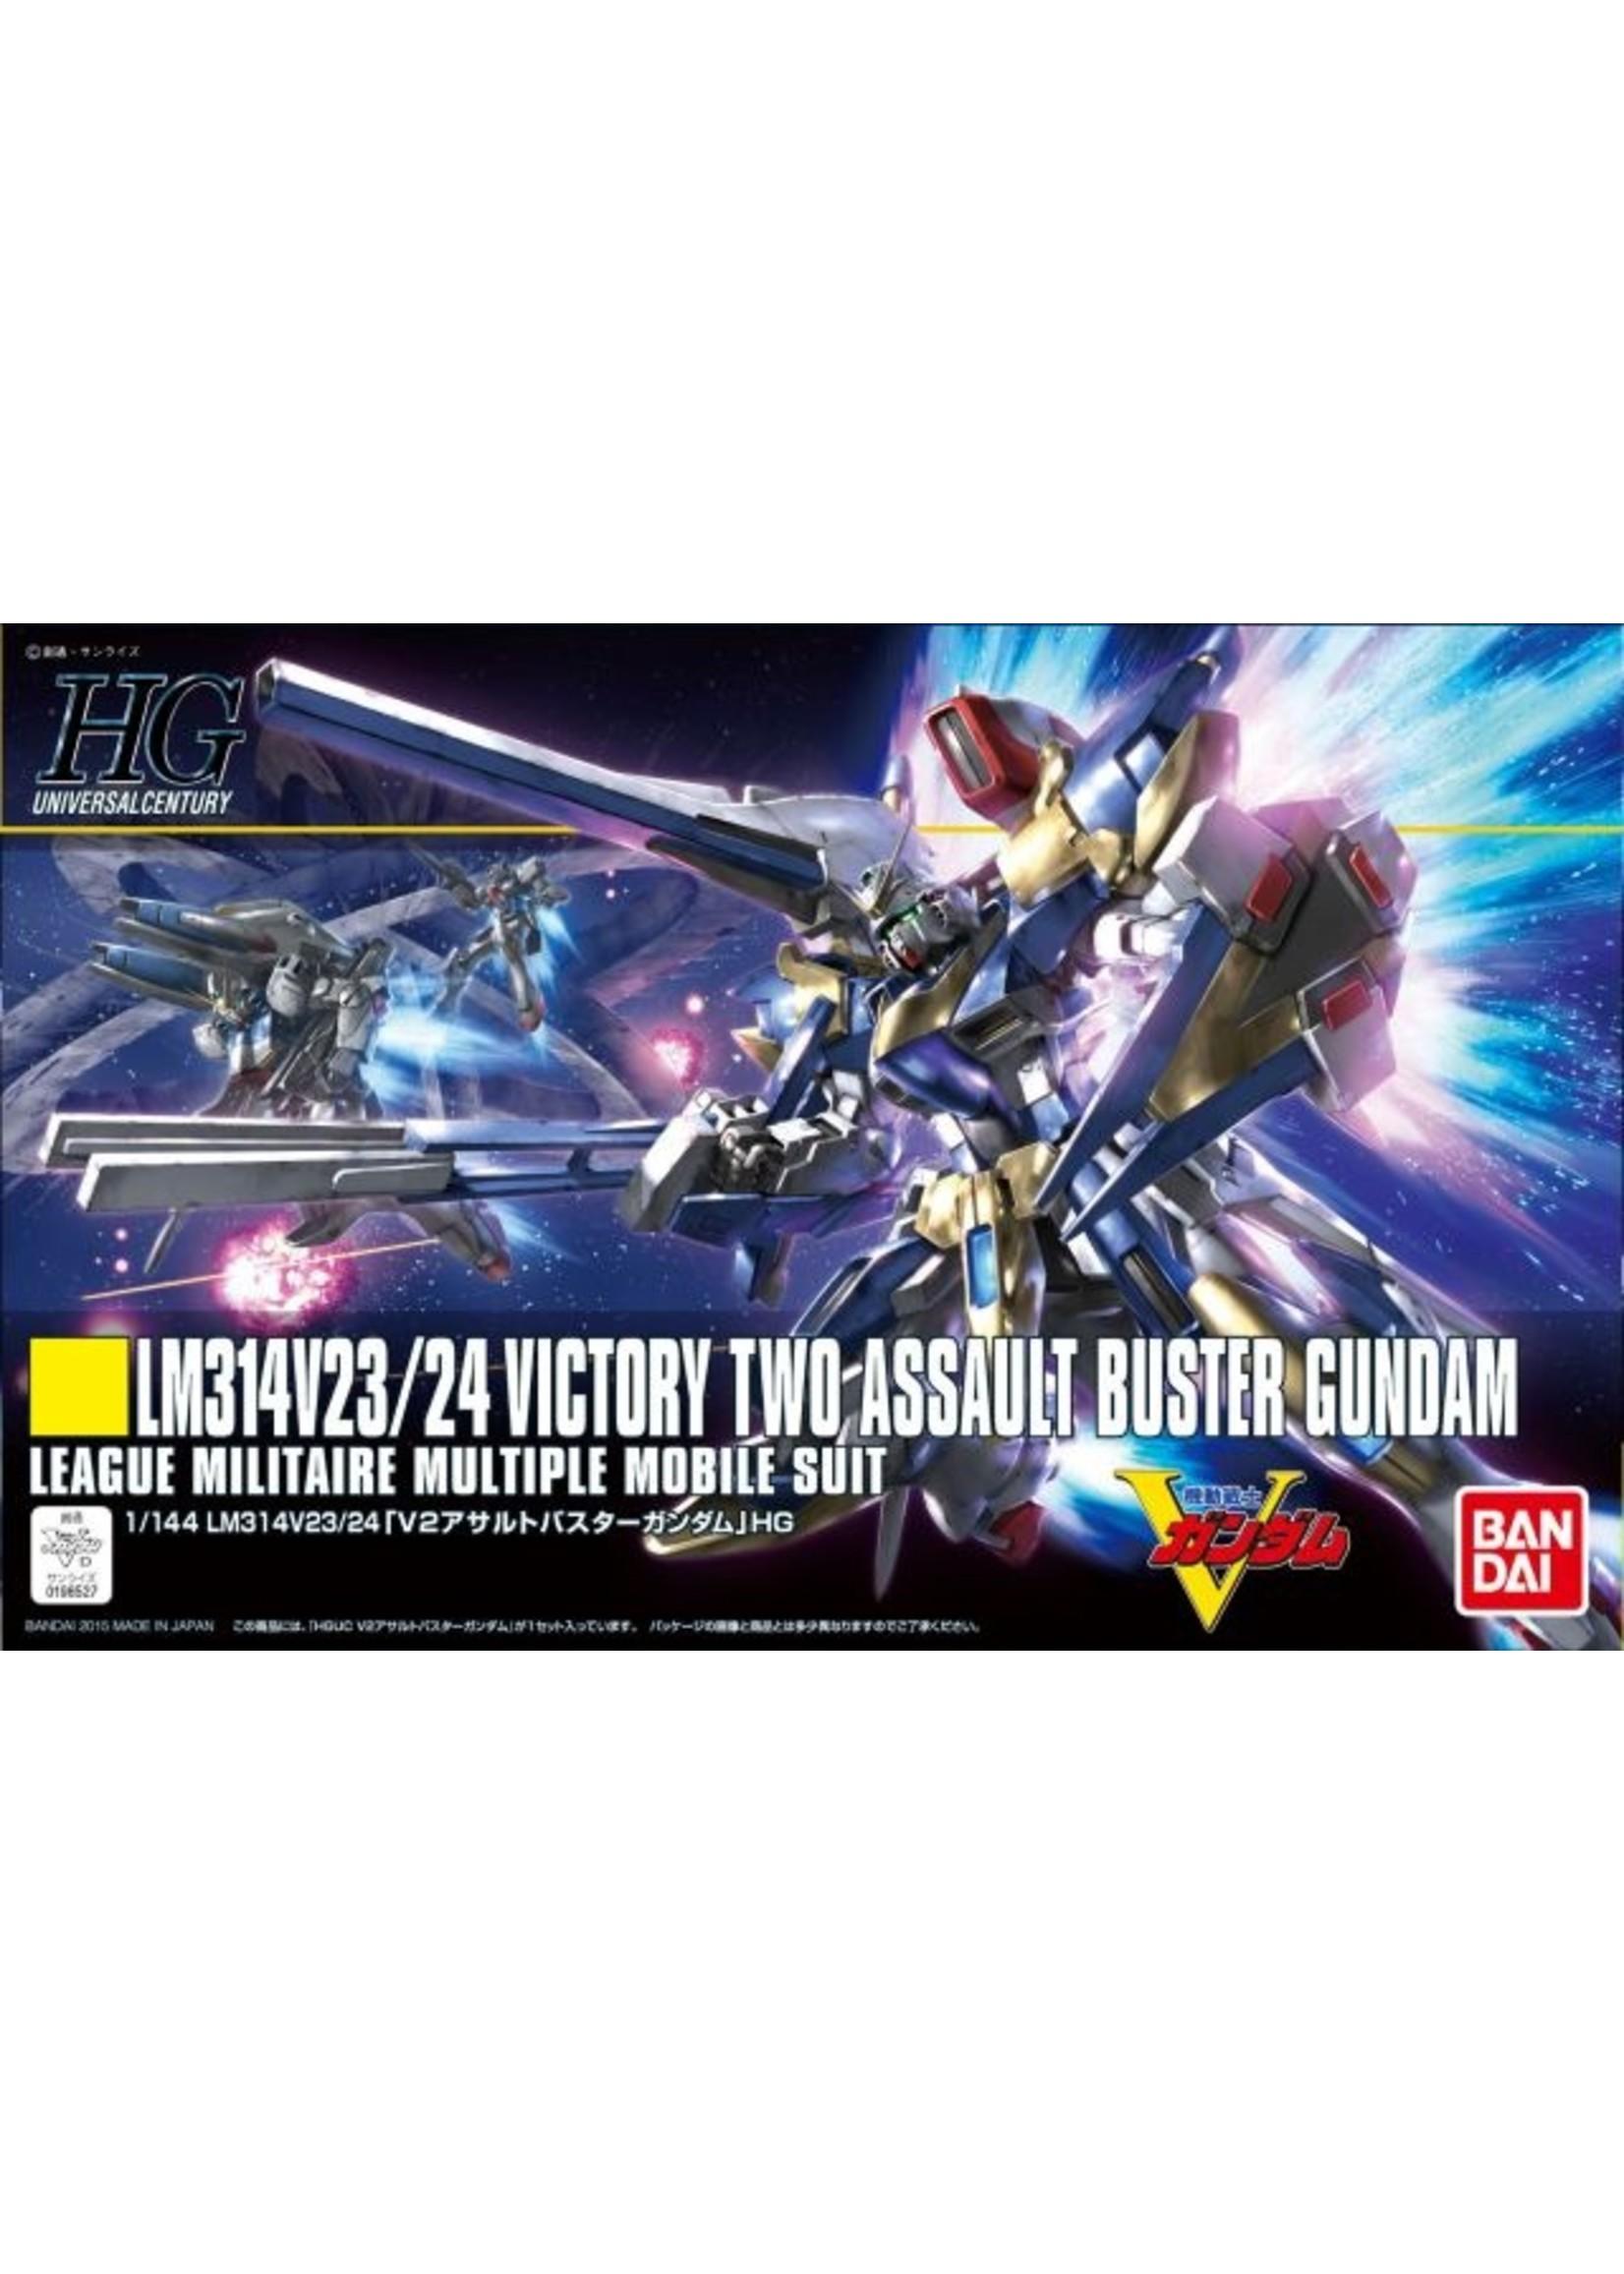 Gundam: 1/144 LM314V23/24 V2 Assault Buster Gundam